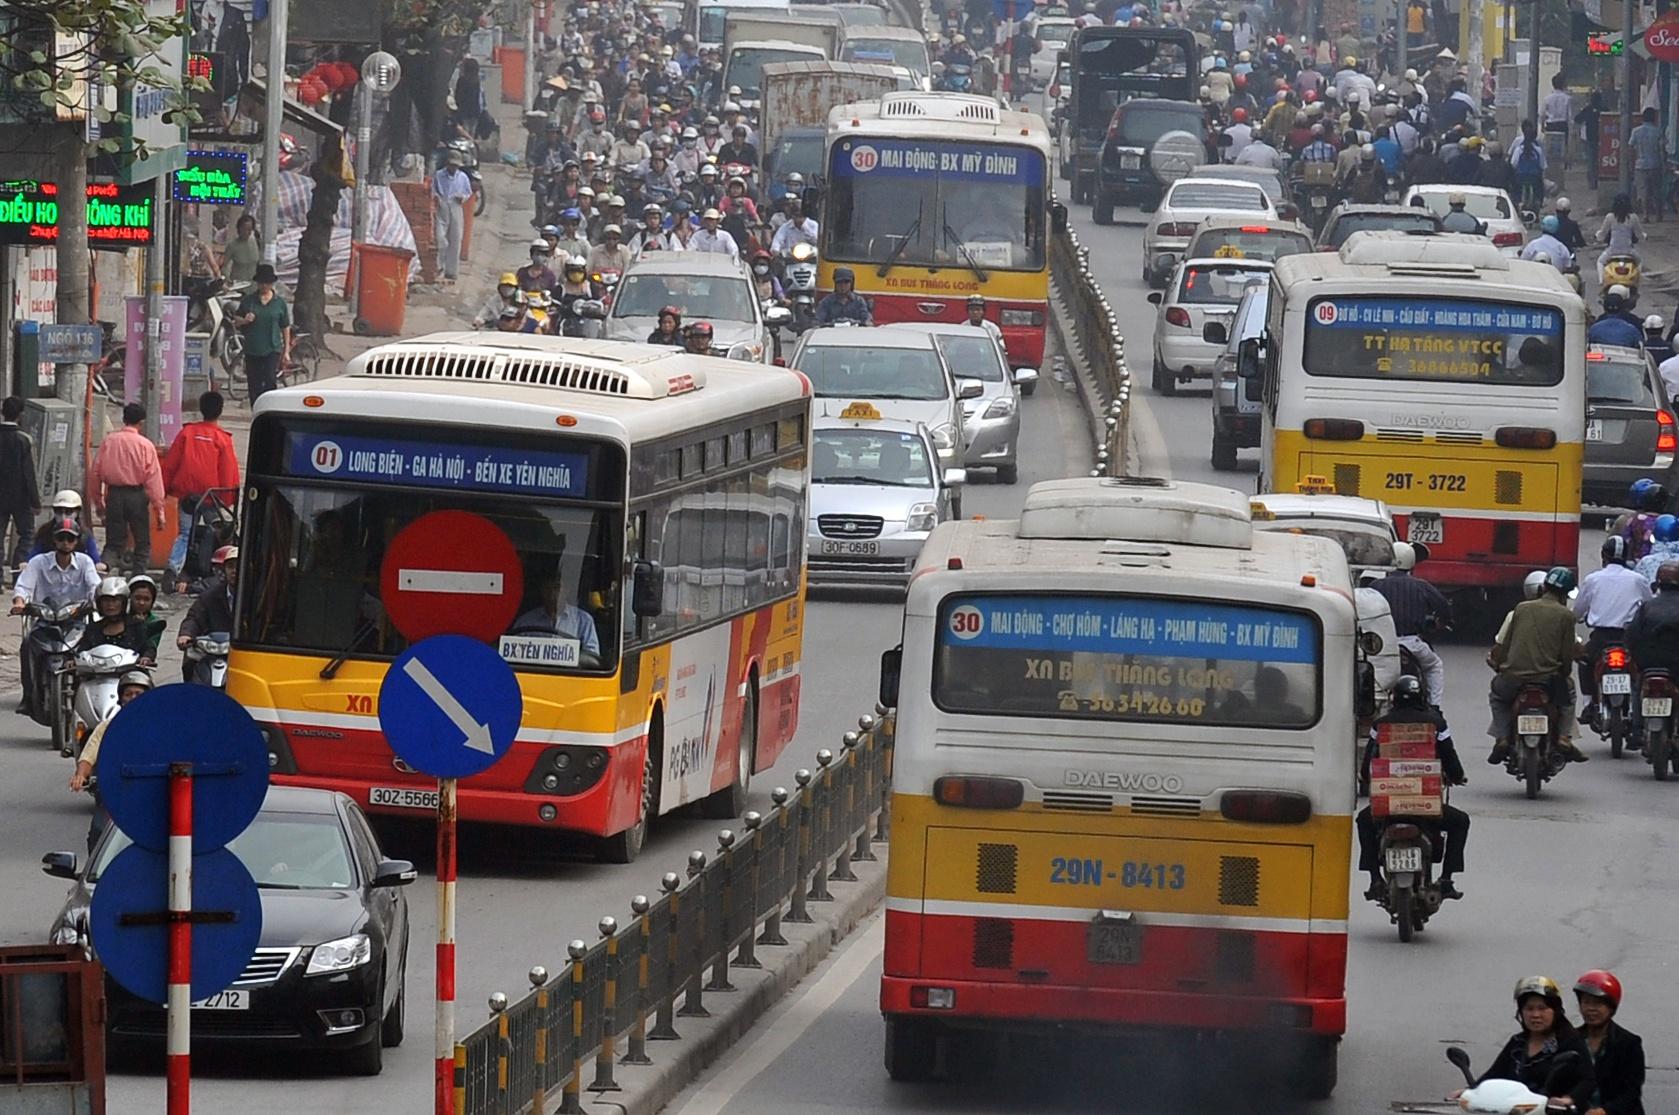 Áp lực hạ tầng đô thị và thiếu các hệ thống công cộng ở Hà Nội | Ảnh: Zing